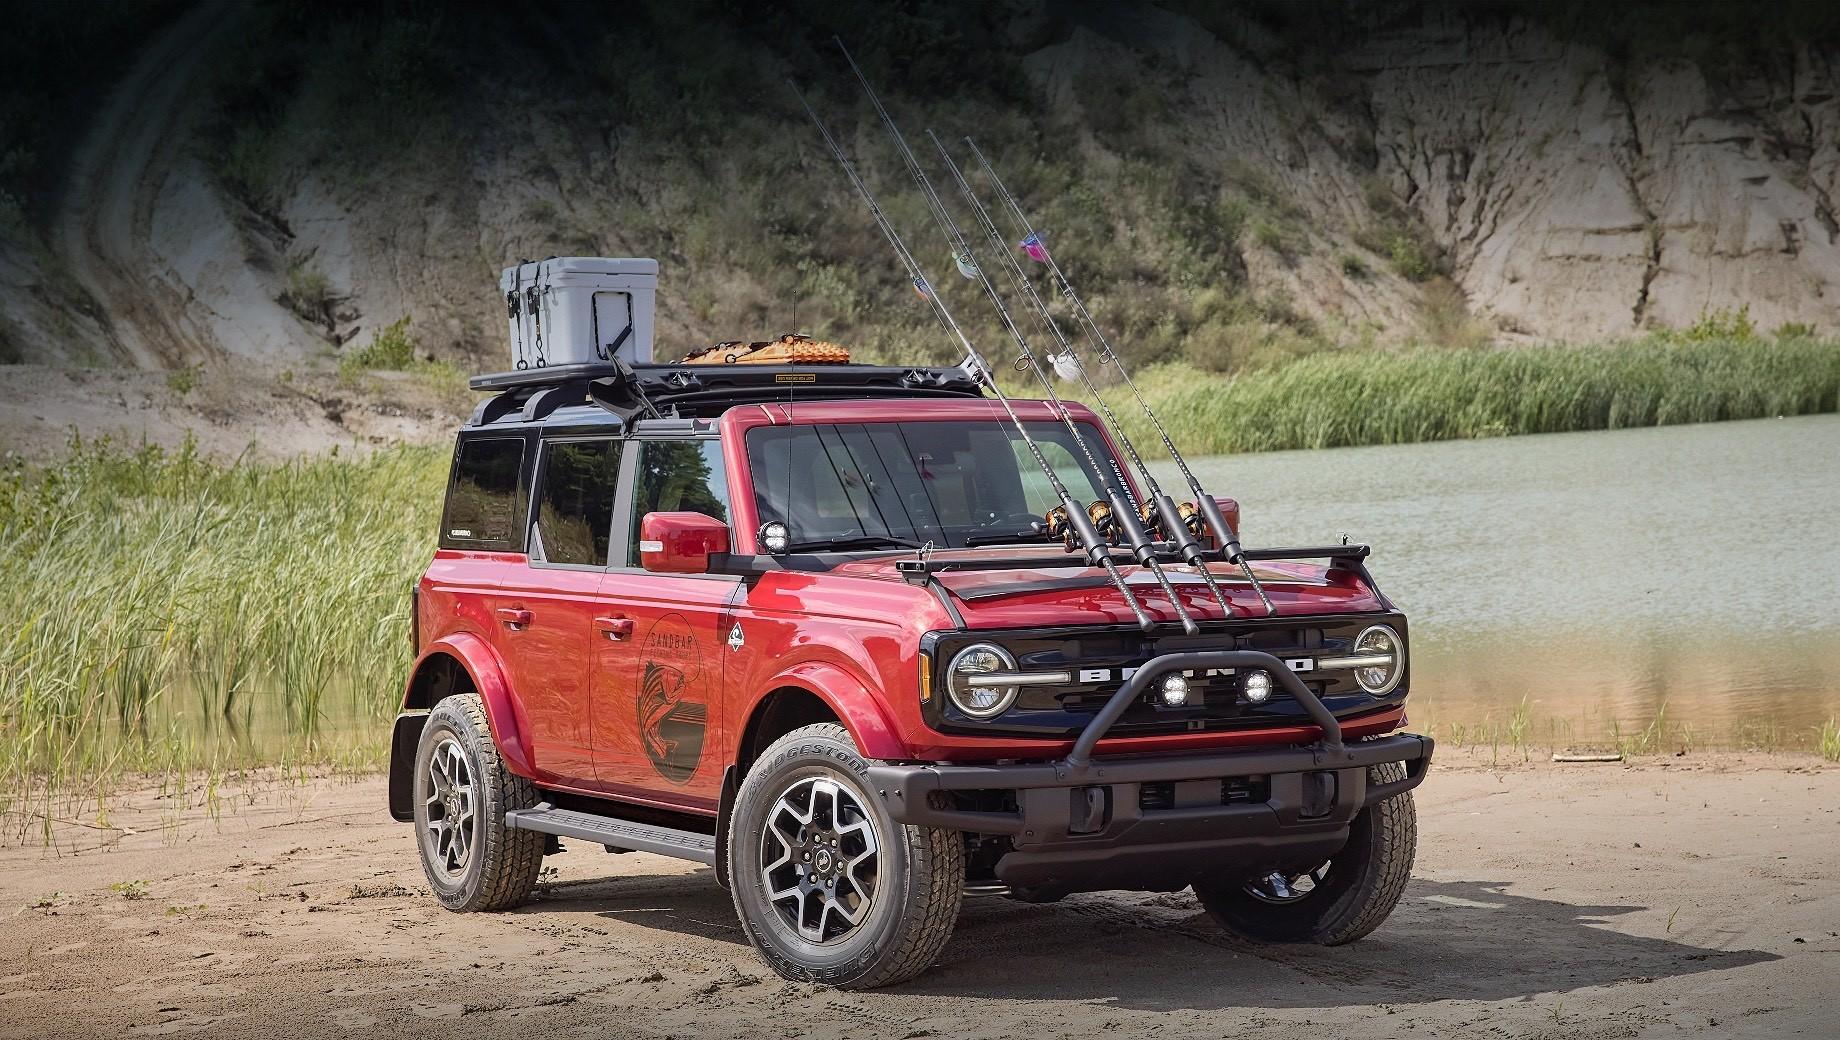 Ford bronco,Ford bronco sport. Внедорожник Bronco Outer Banks Fishing Guide оснащён тканевой крышей над передними сиденьями, дополнительным светодиодным светом, багажником Yakima LockNLoad и 18-дюймовыми легкосплавными колёсами с шинами Bridgestone Dueler A/T.